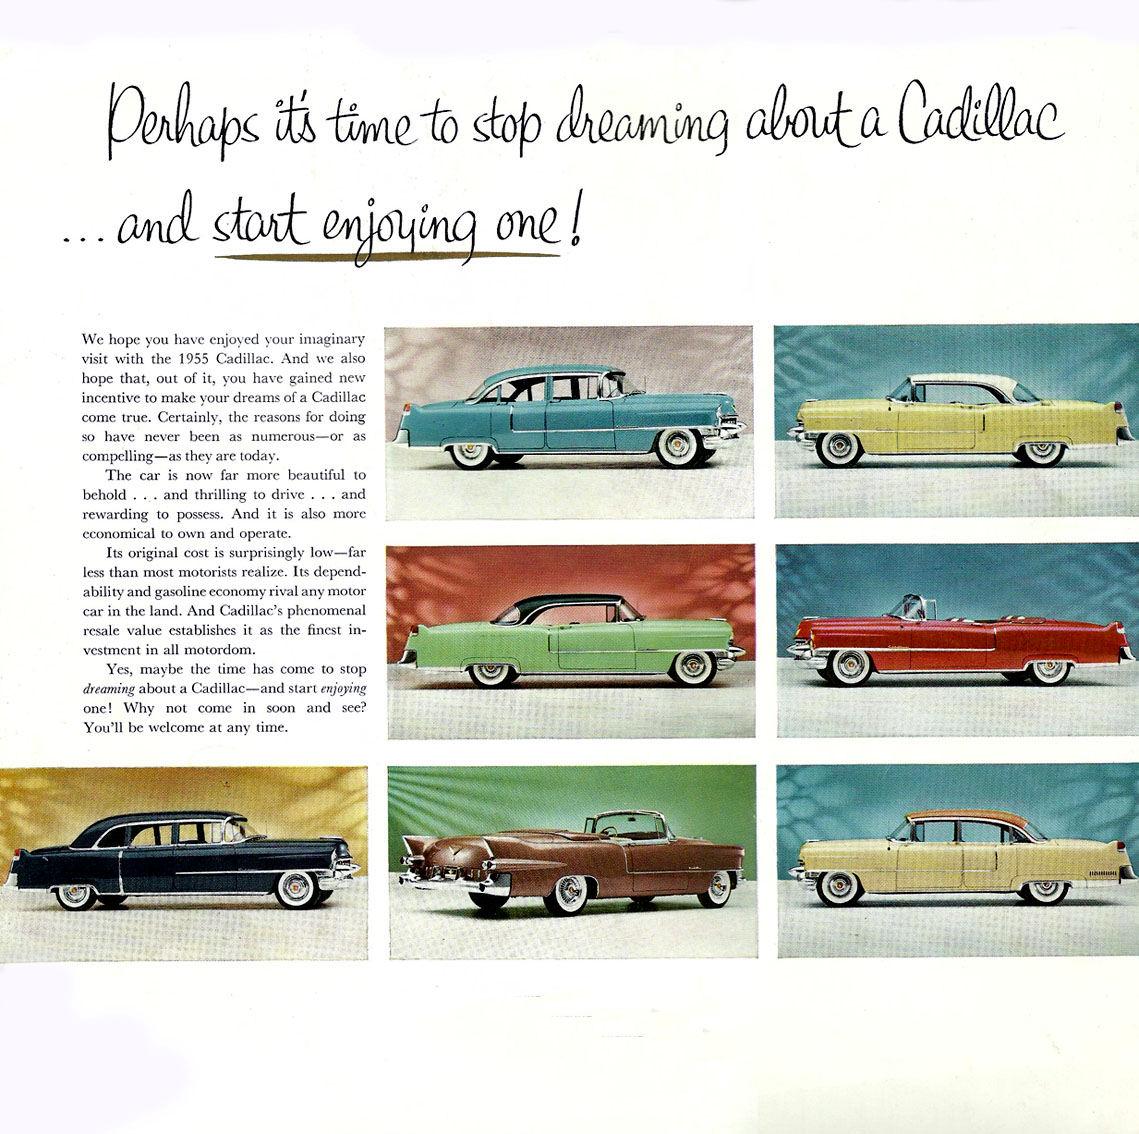 1955 Cadillac Handout Brochure